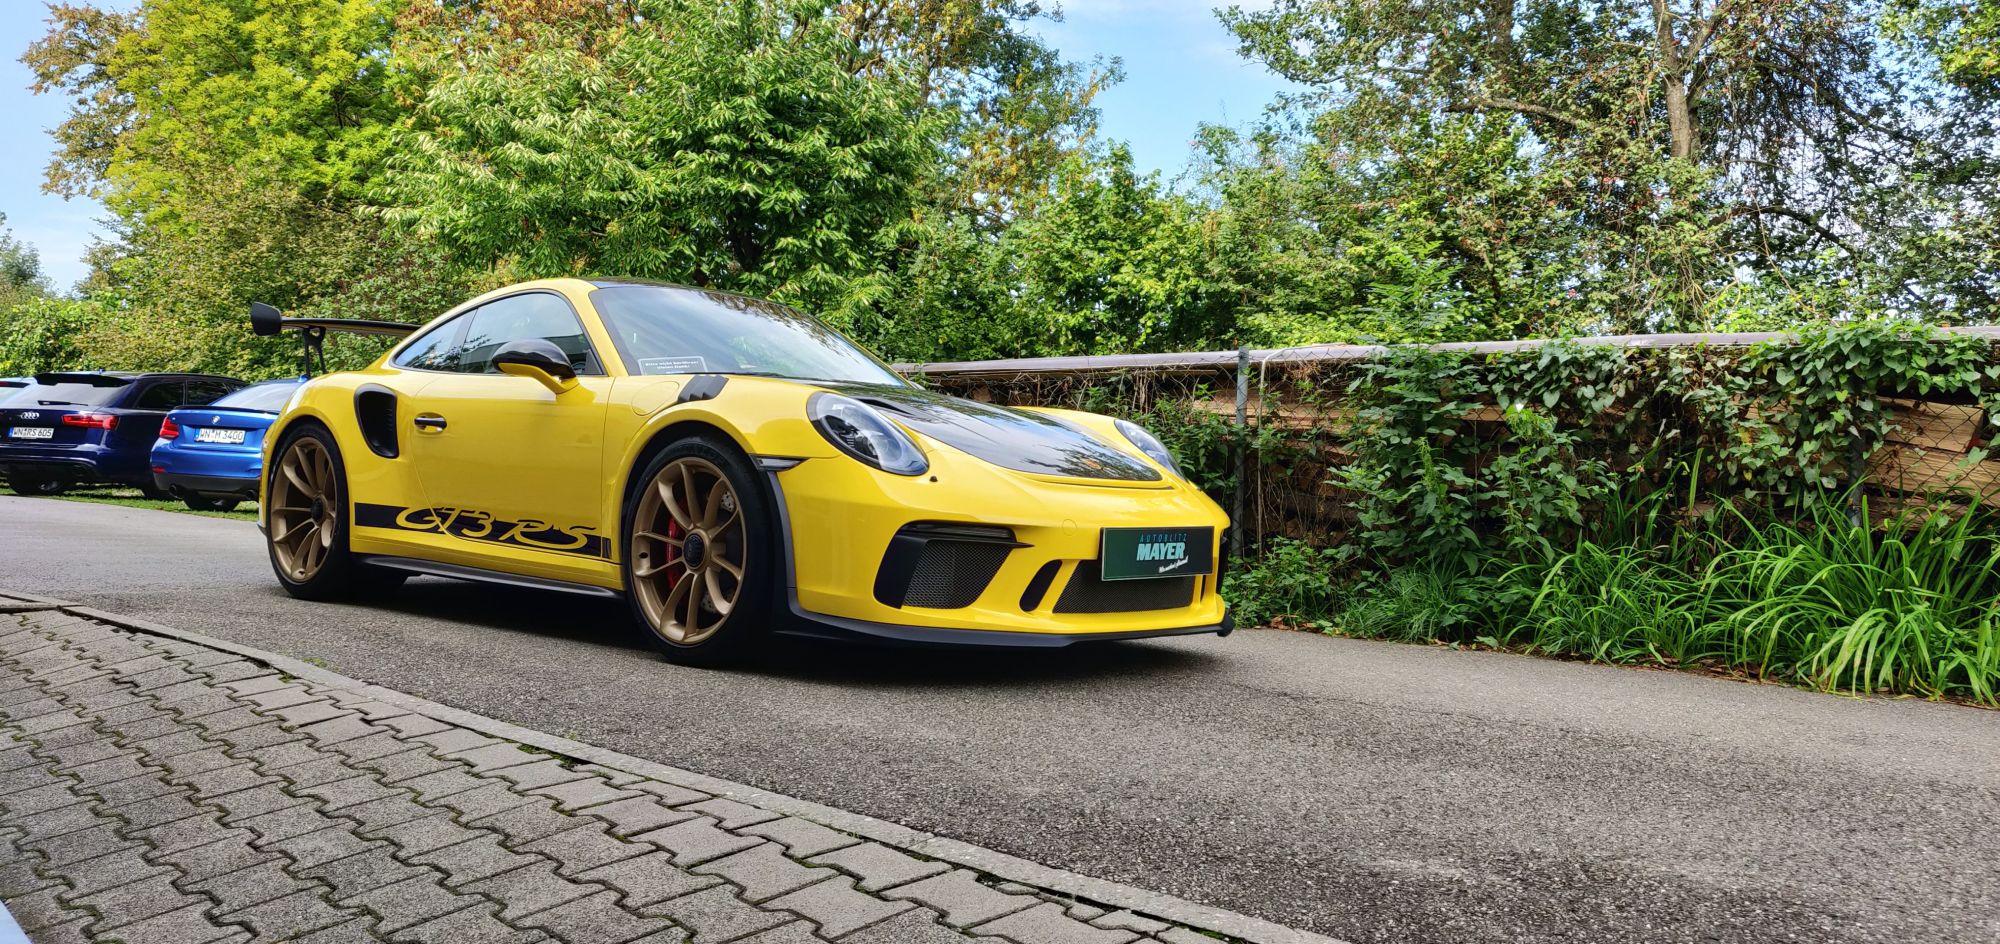 Porsche GT3RS Lackschutzfolie & Versiegelung